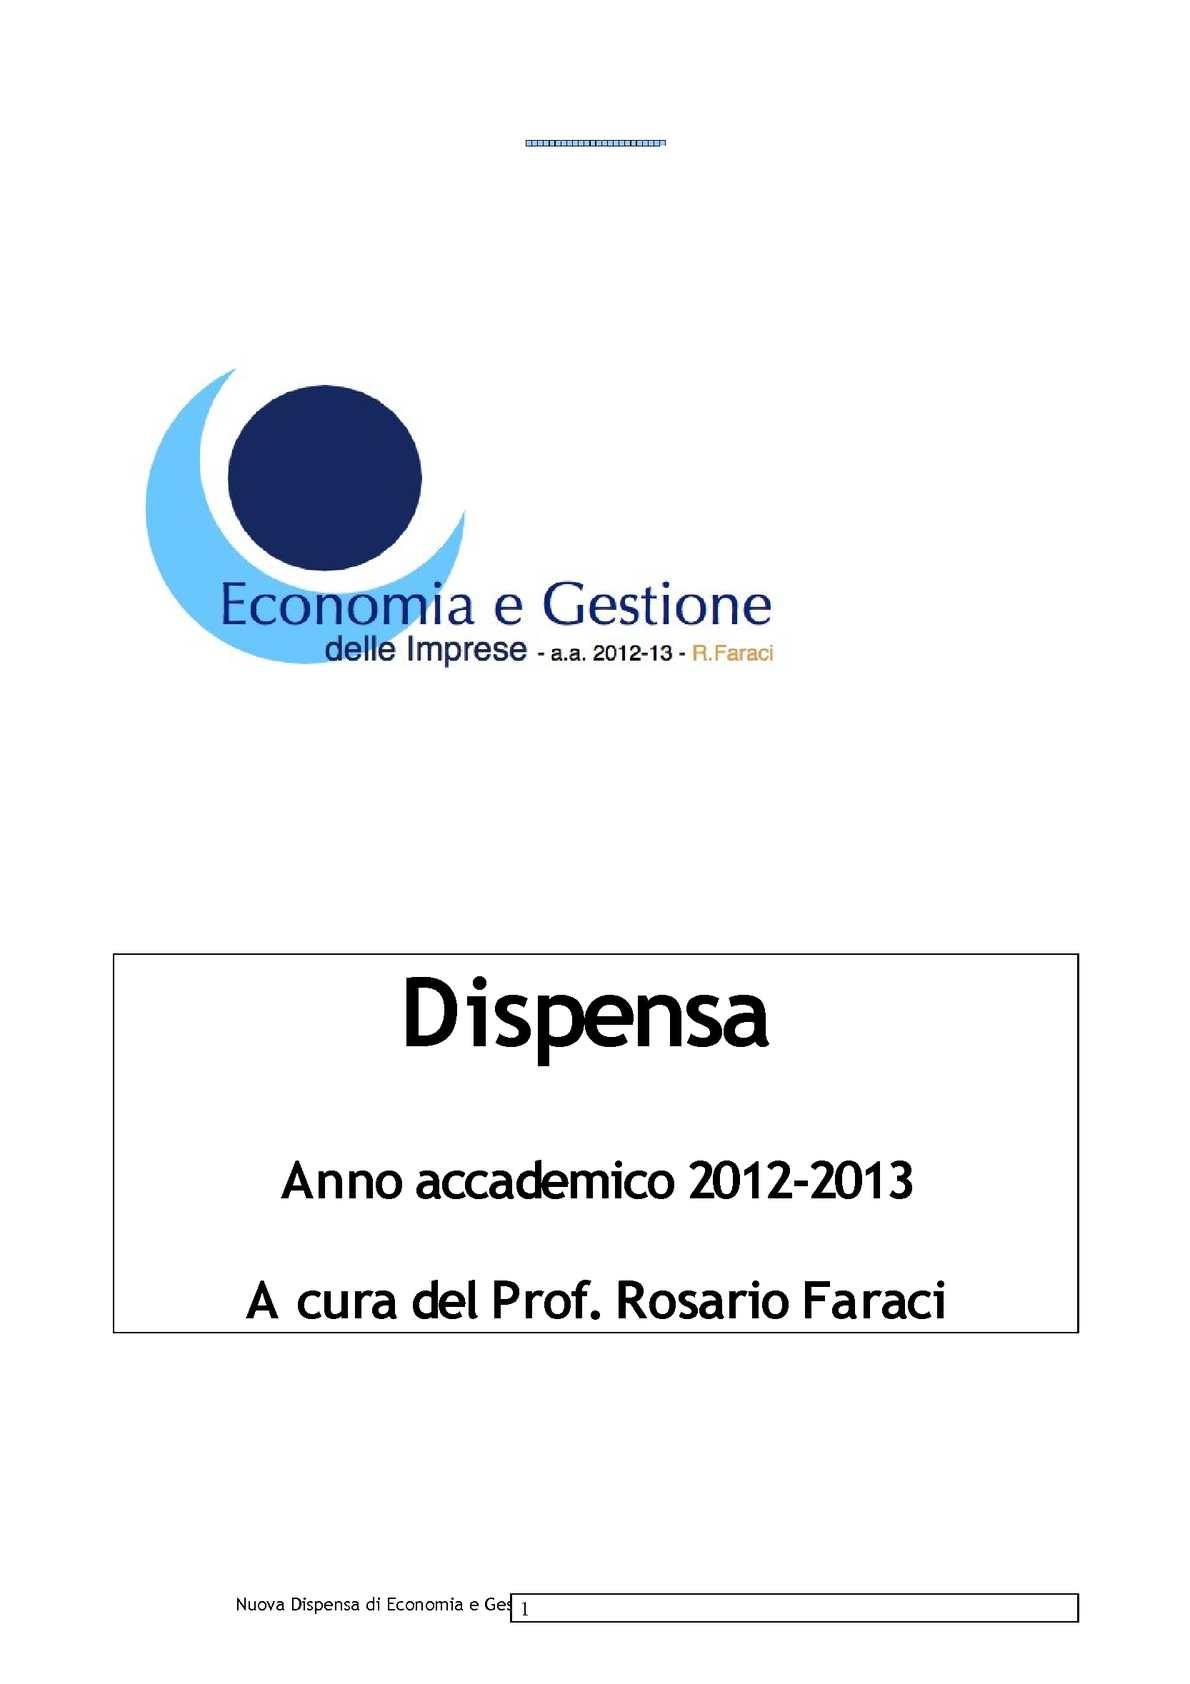 Dispensa del corso EGI 2012-2013